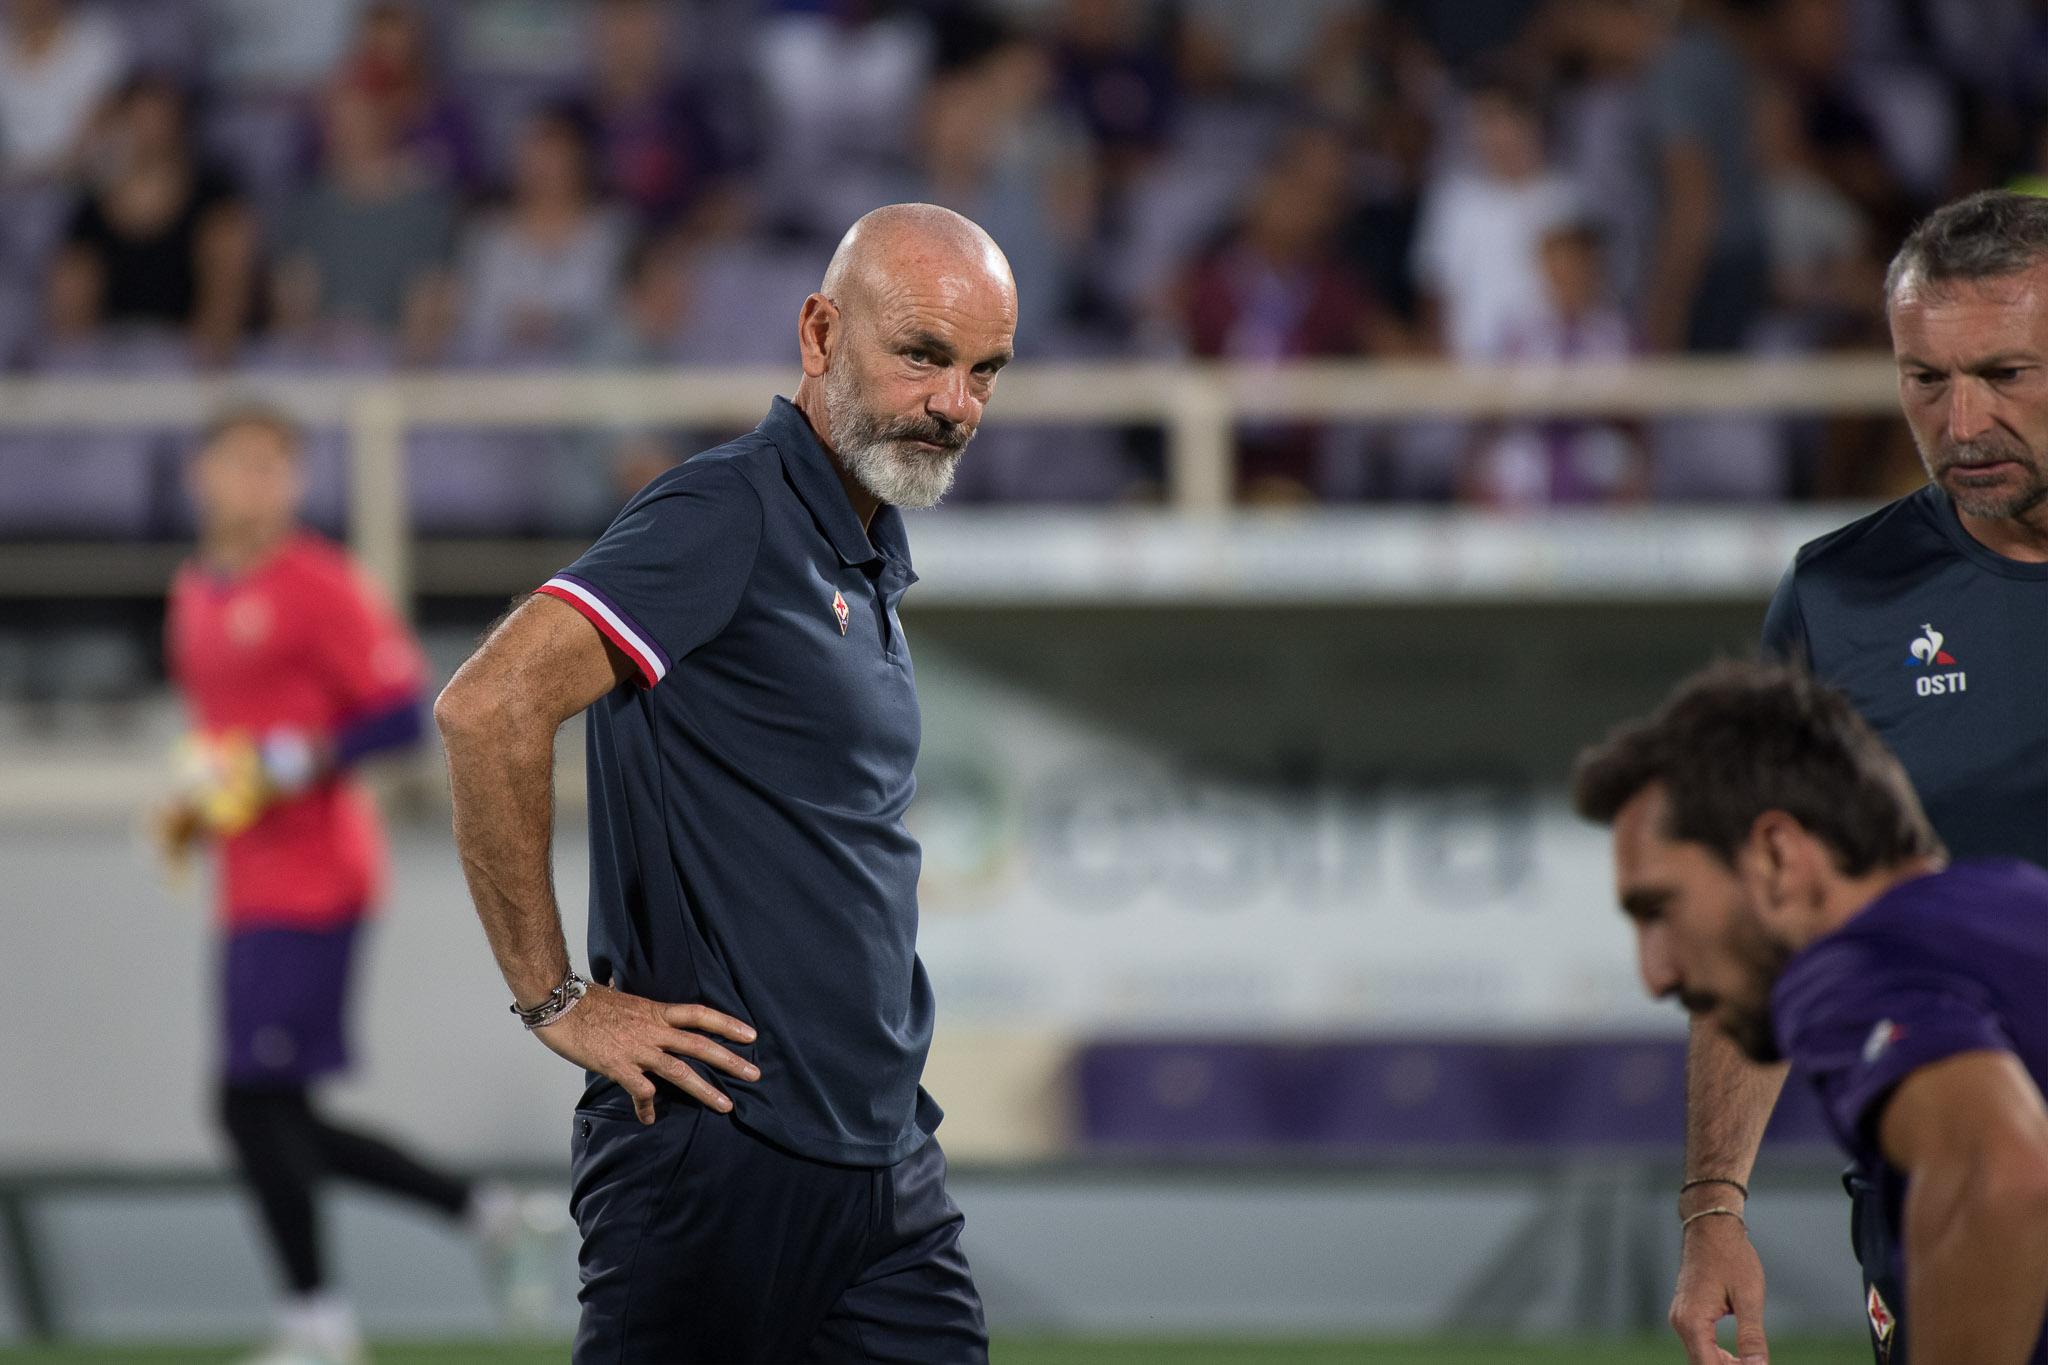 Fiorentina, hai l'X-Factor: quarto pareggio in sei gare, andamento troppo lento per sognare in grande